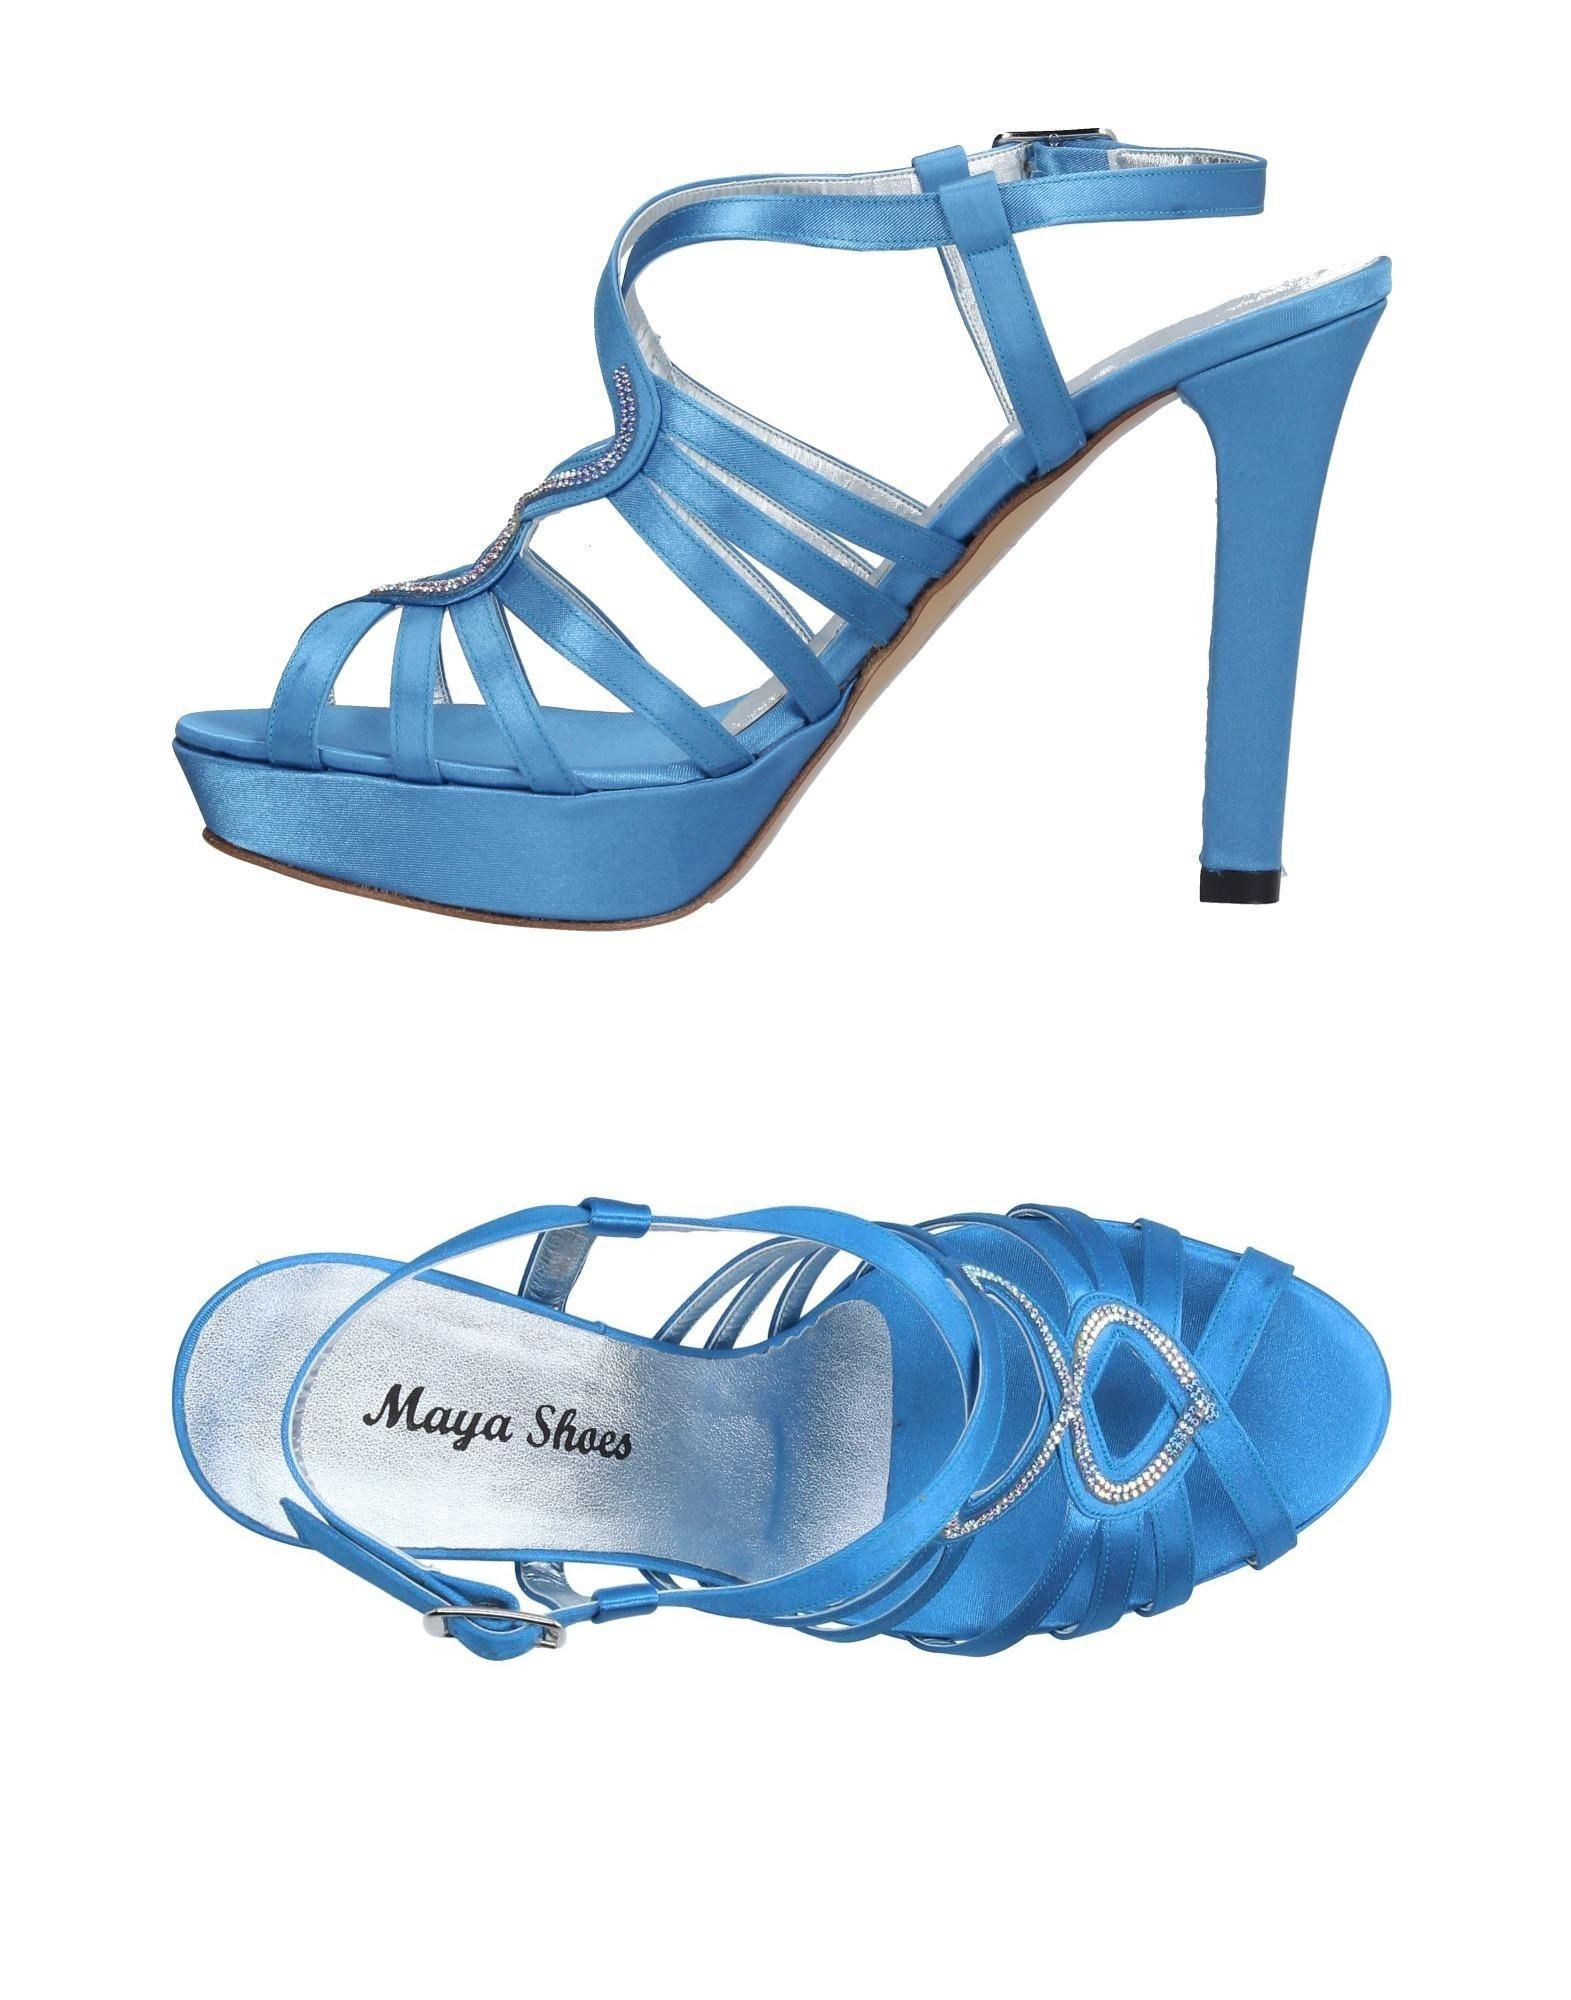 Sandali Maya 11212132CO Shoes Donna - 11212132CO Maya 0b8830